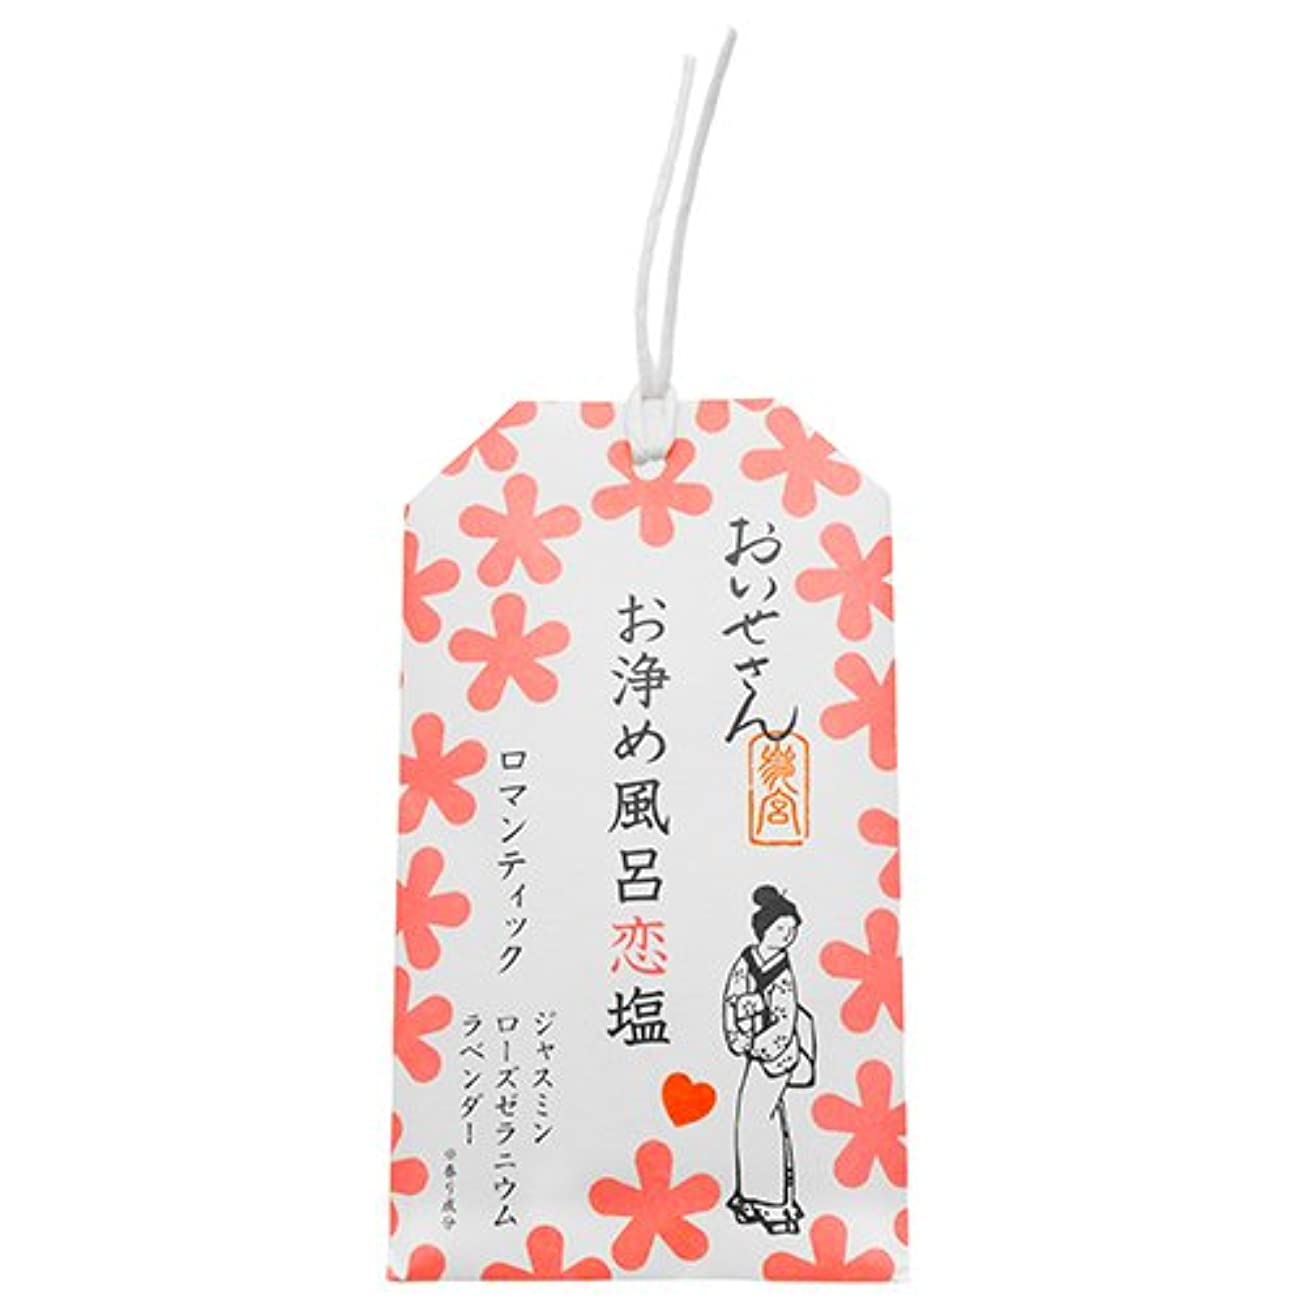 北東爆風生き残りおいせさん お浄め風呂恋塩(ロマンティック)